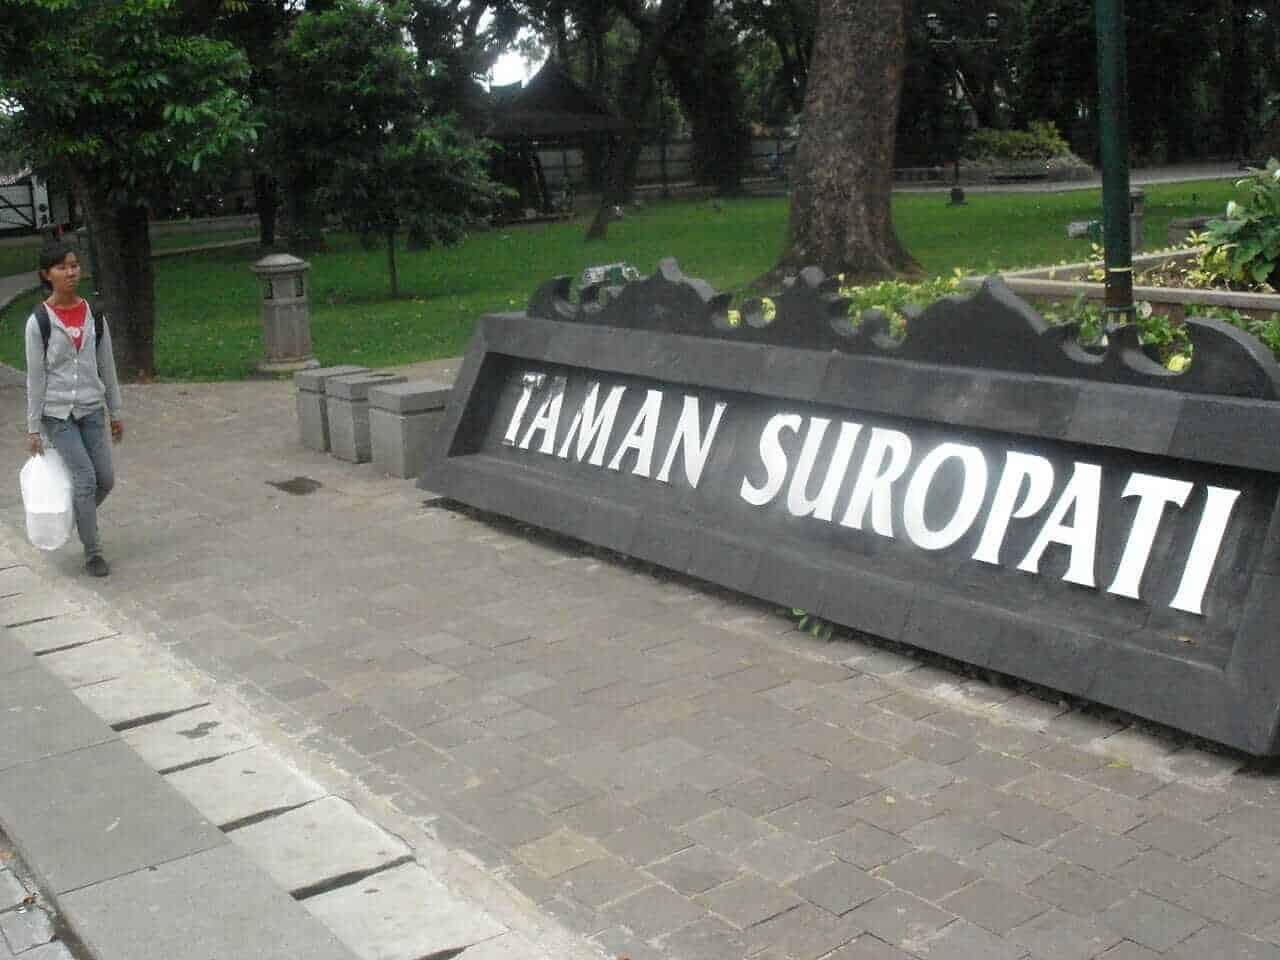 Taman Suropati park, Jakarta, Indonesia